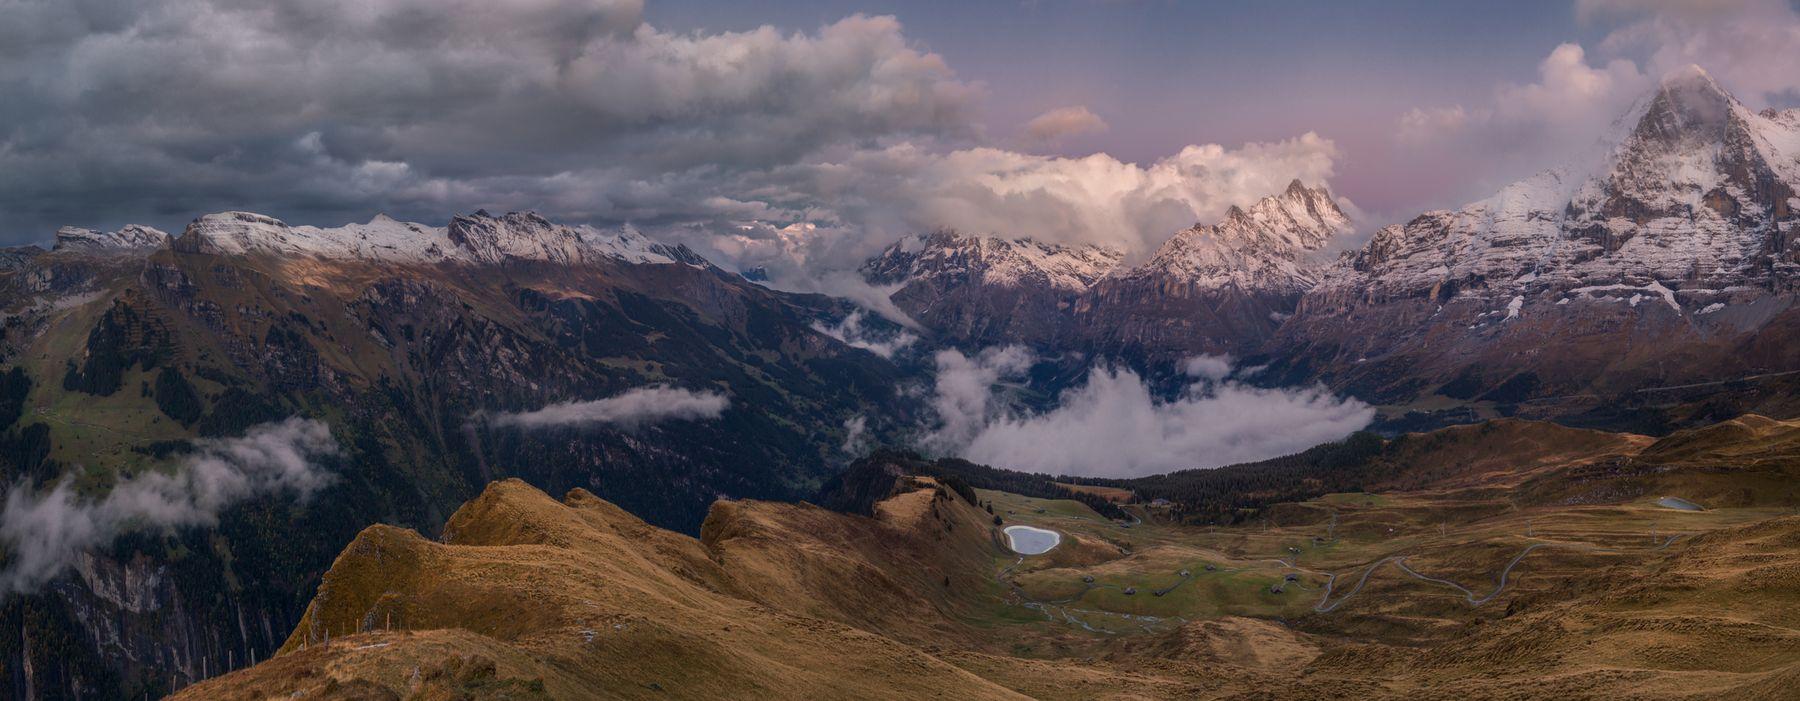 Grindelwald sv-phototravel.com Grindelwald